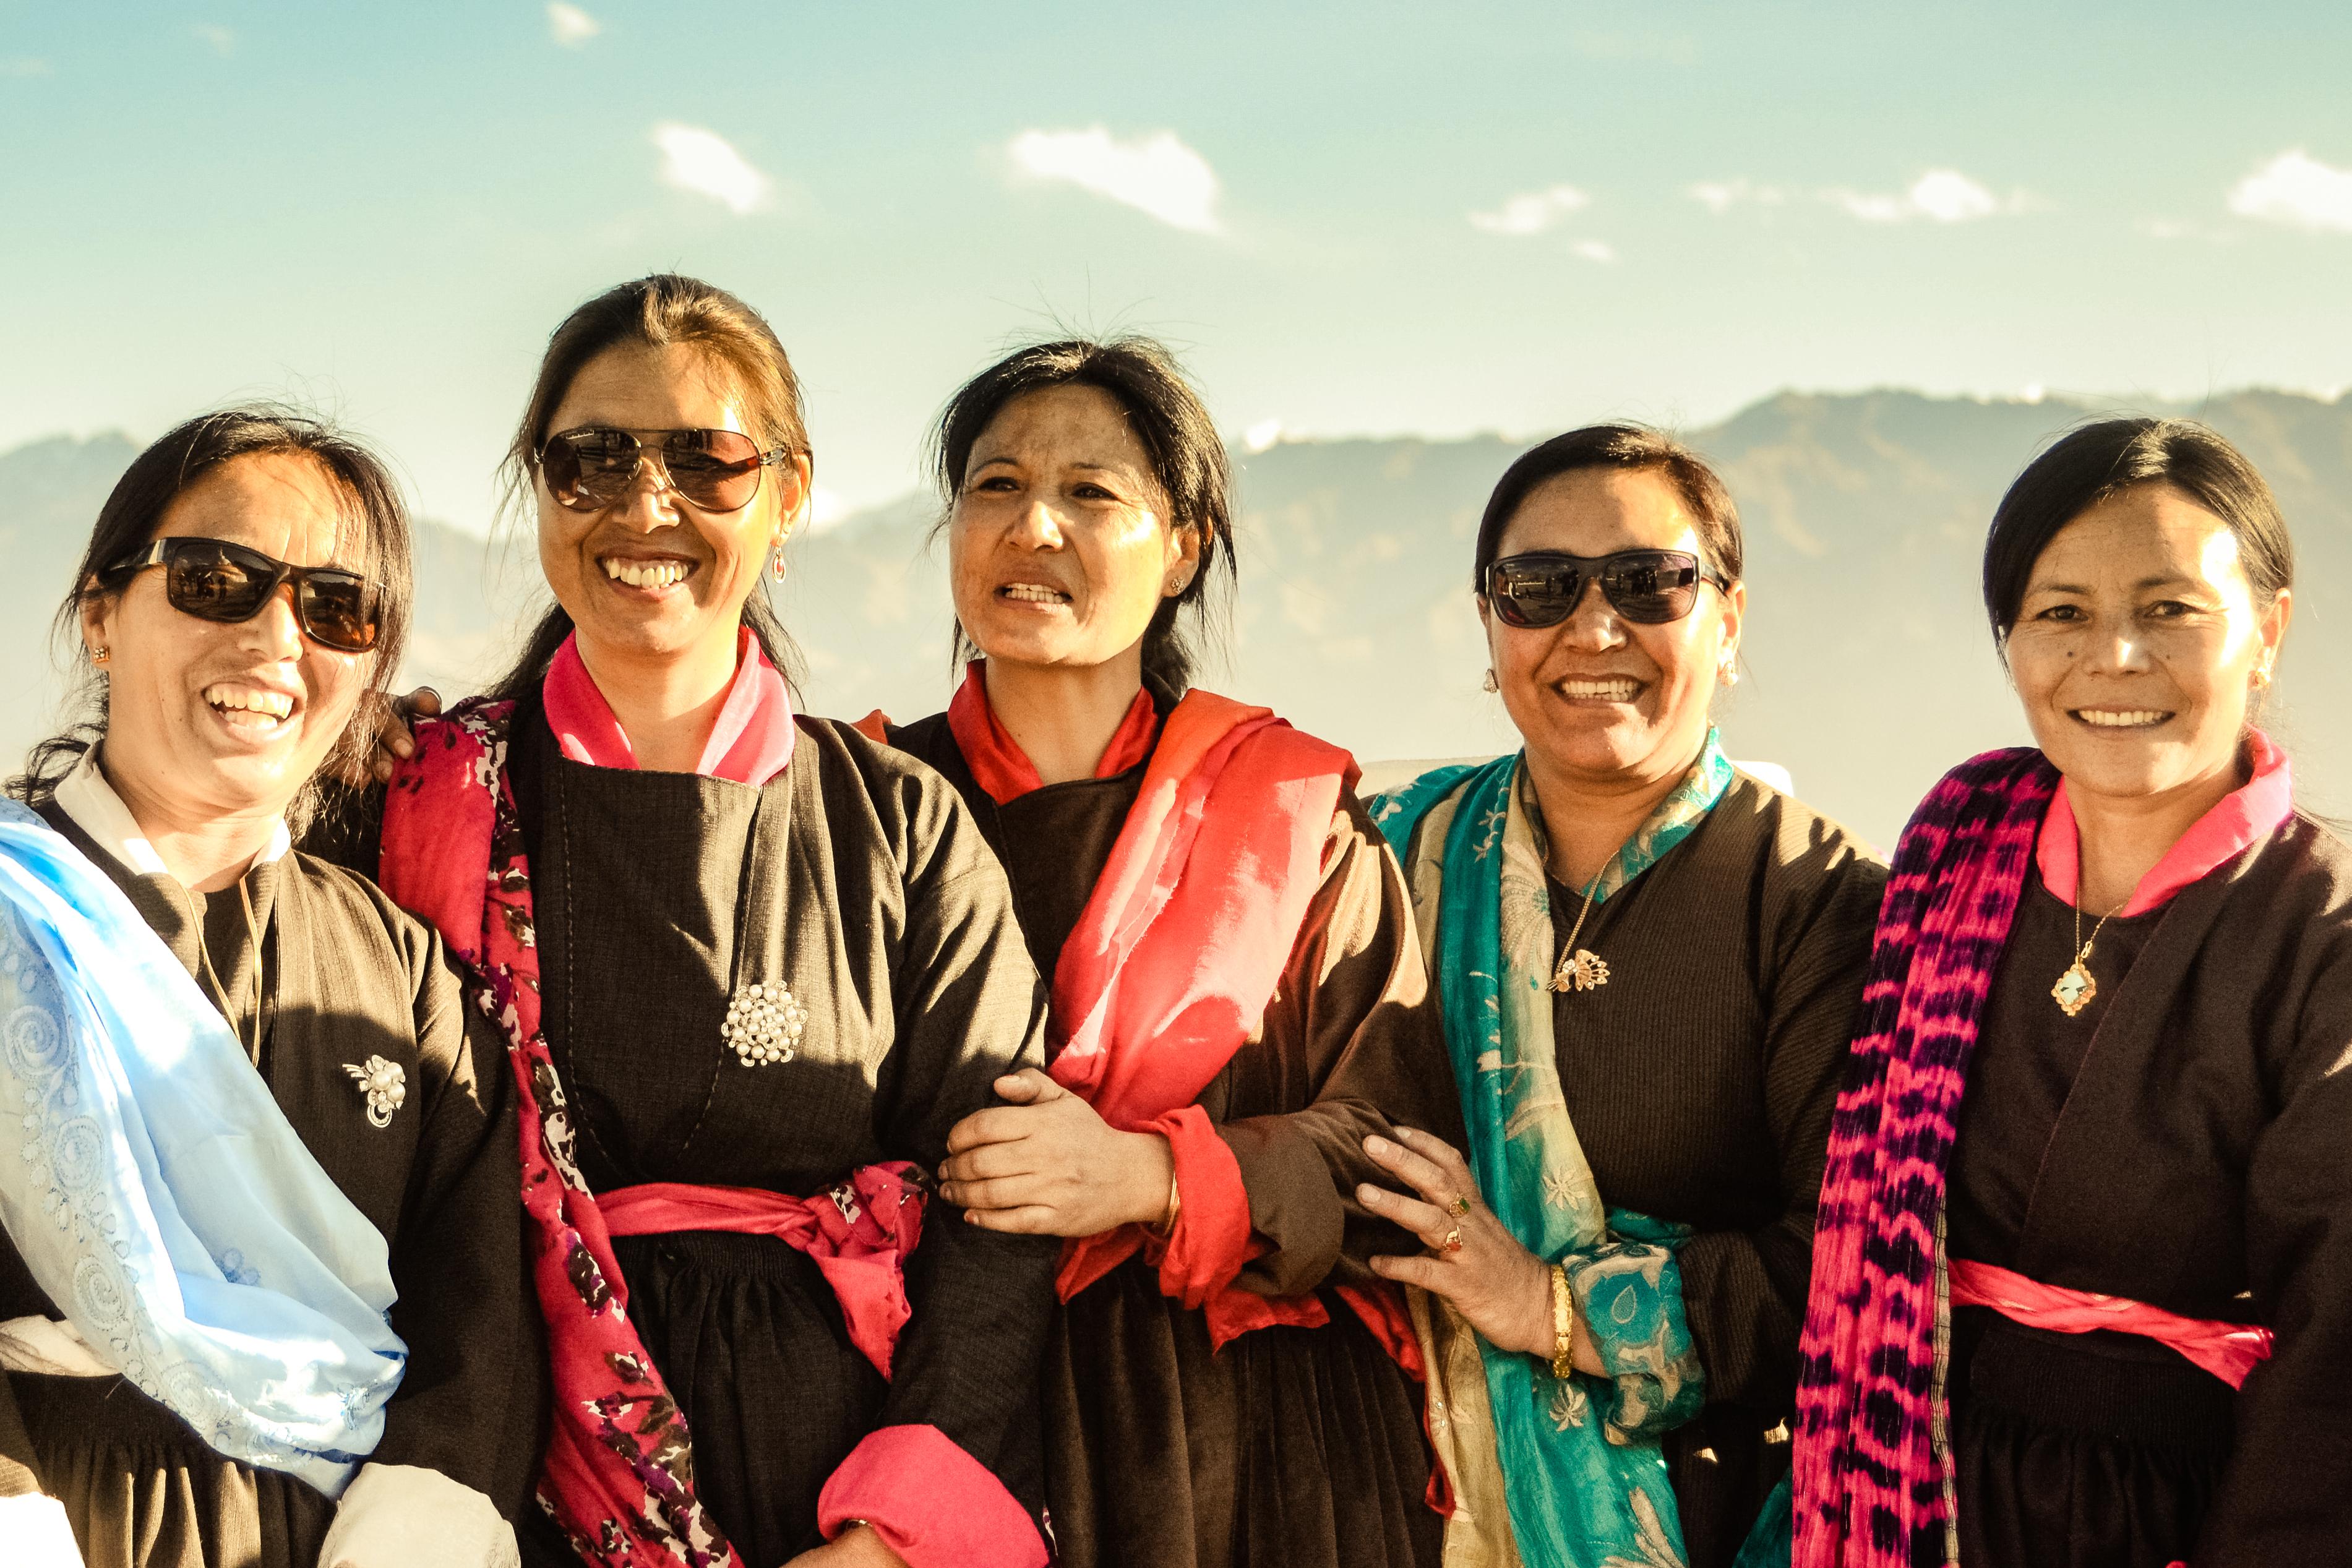 Women in Ladakh, India.